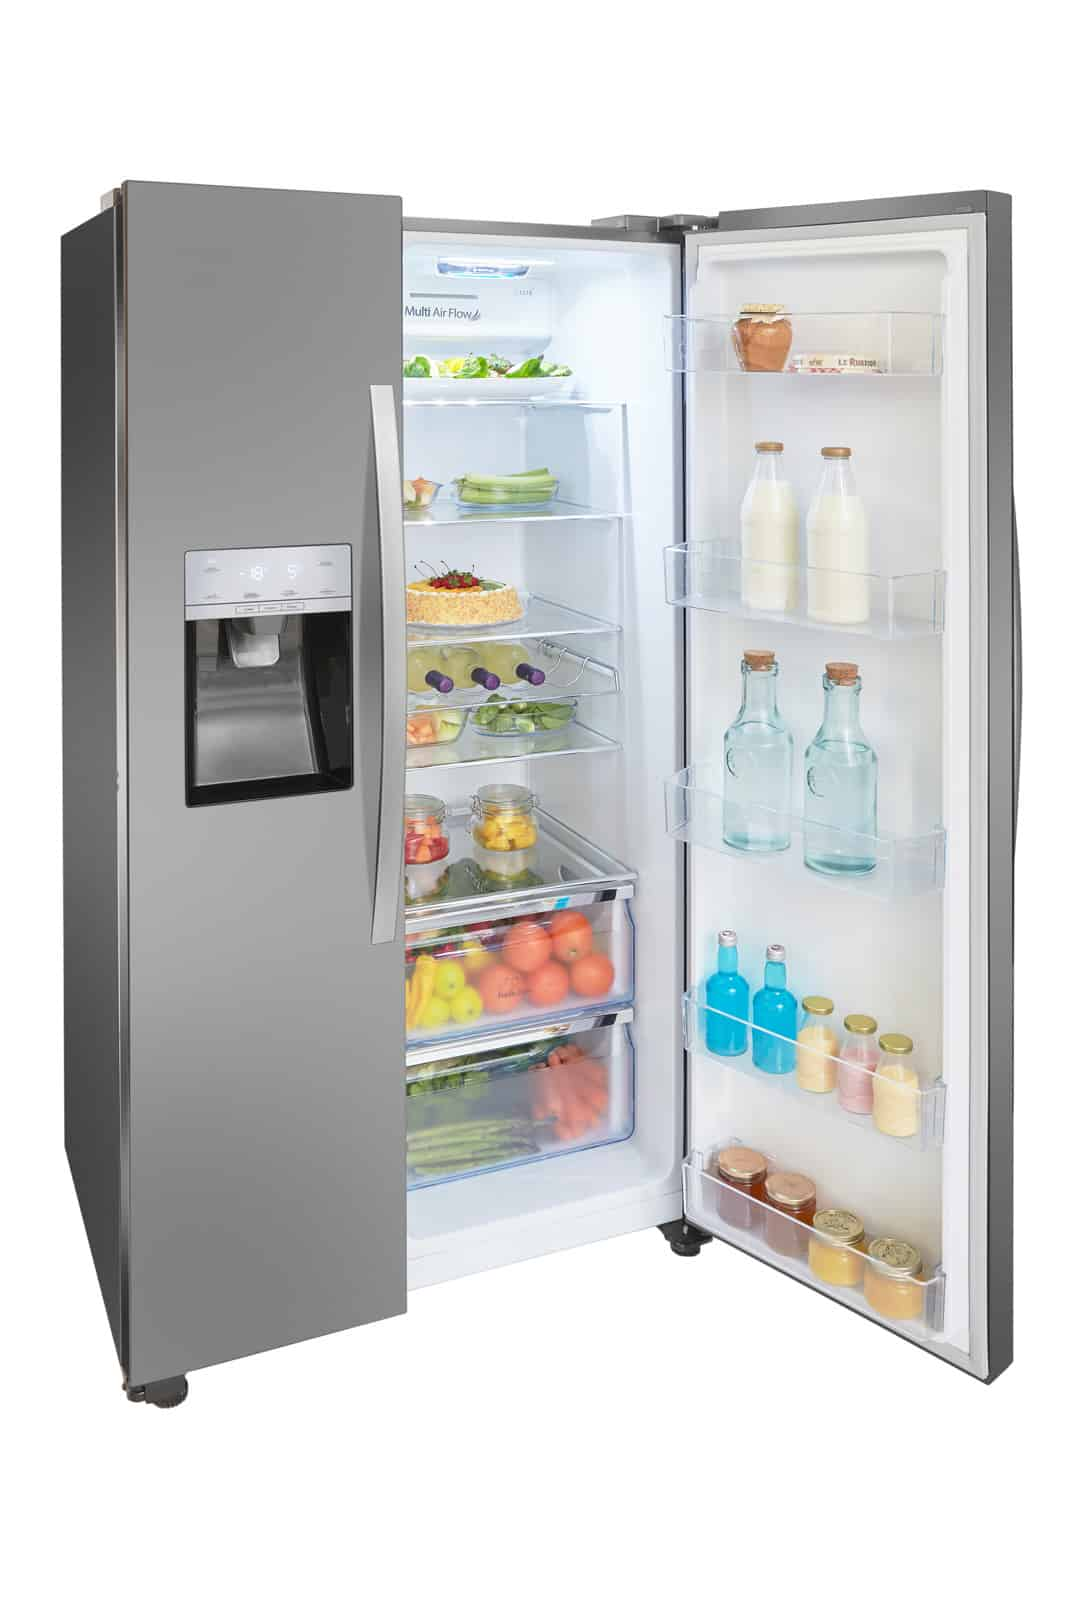 الشكل الخارجي لثلاجة هايسنس RS696N4II1